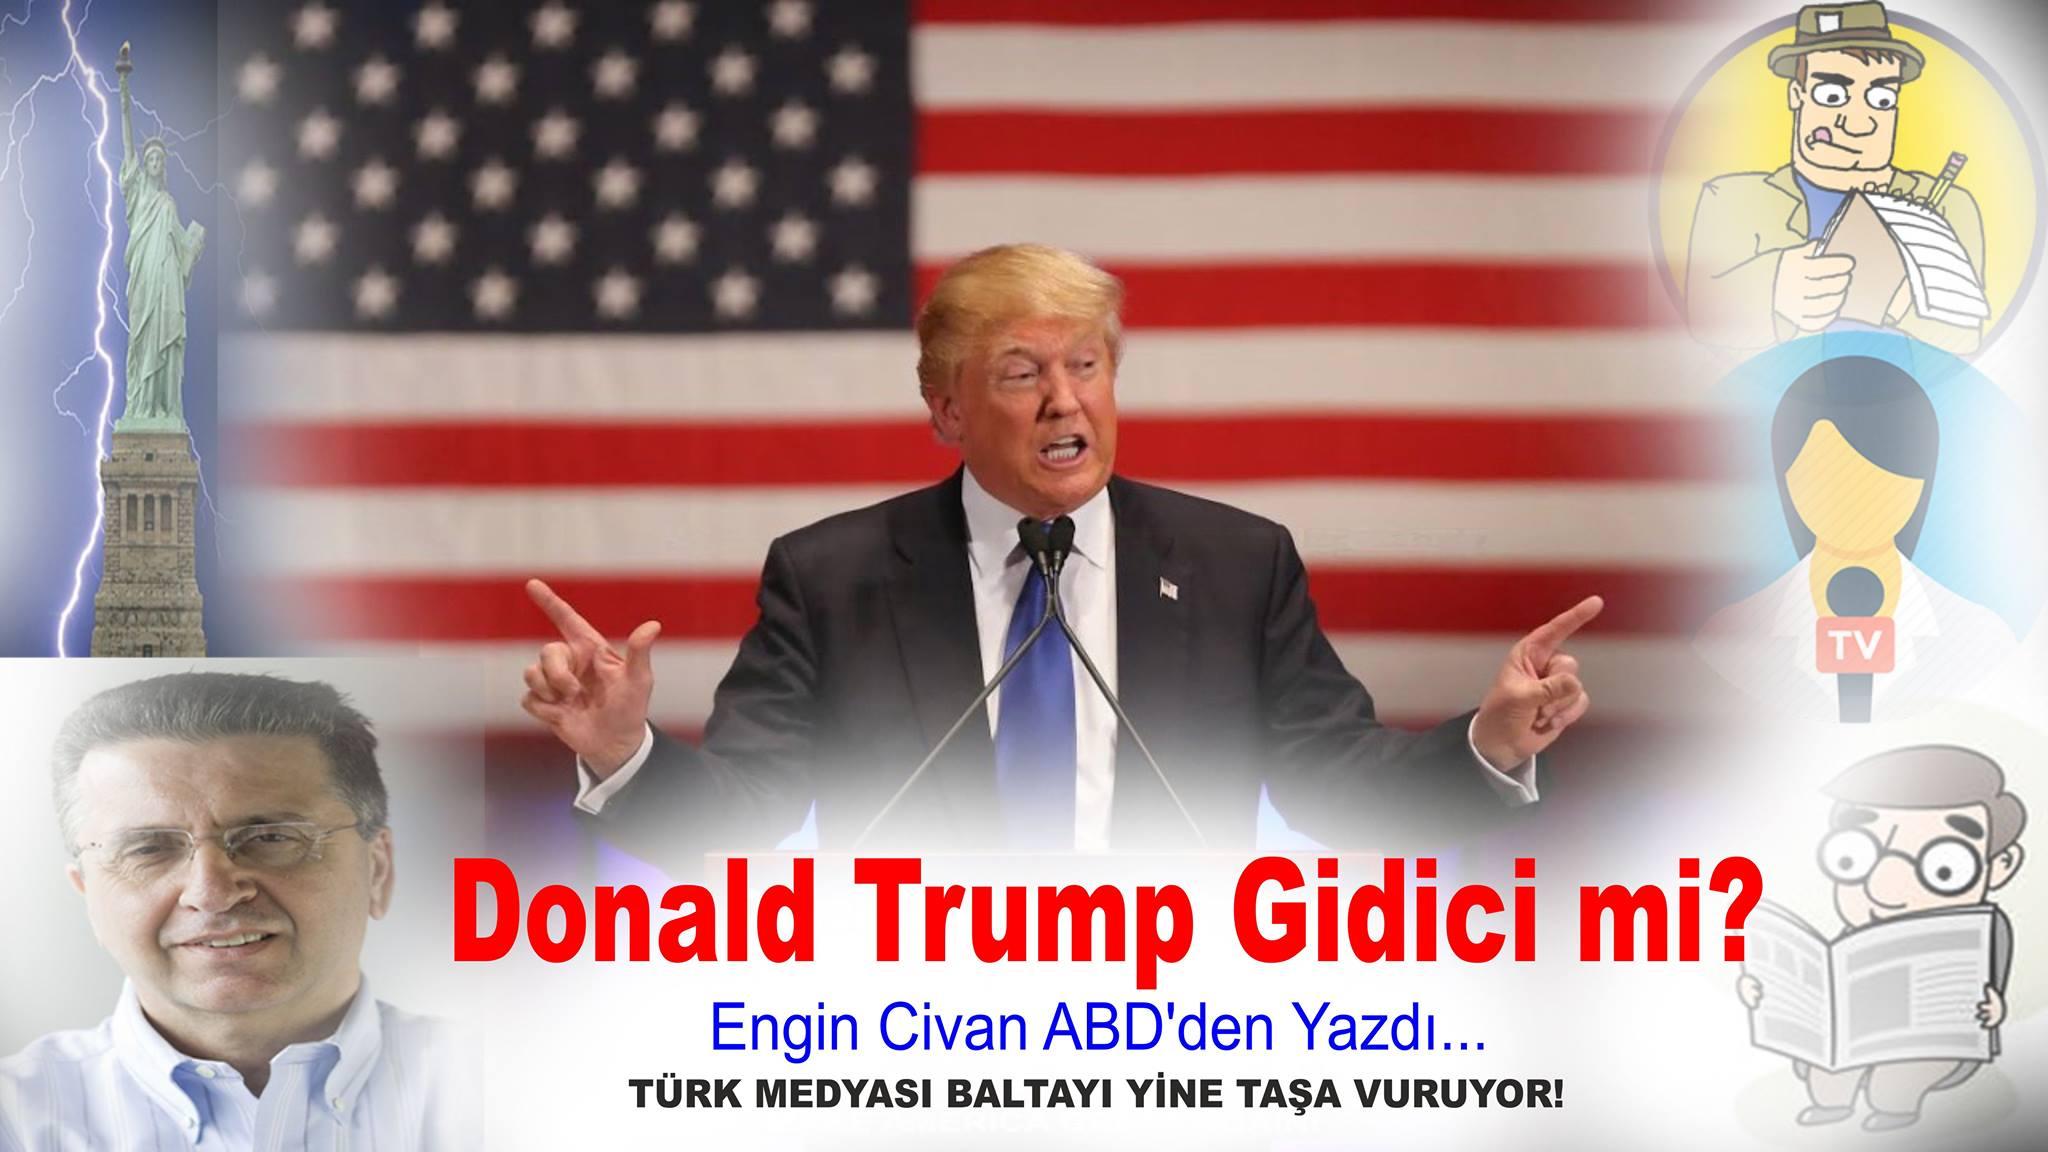 Donald Trump Gidici mi?